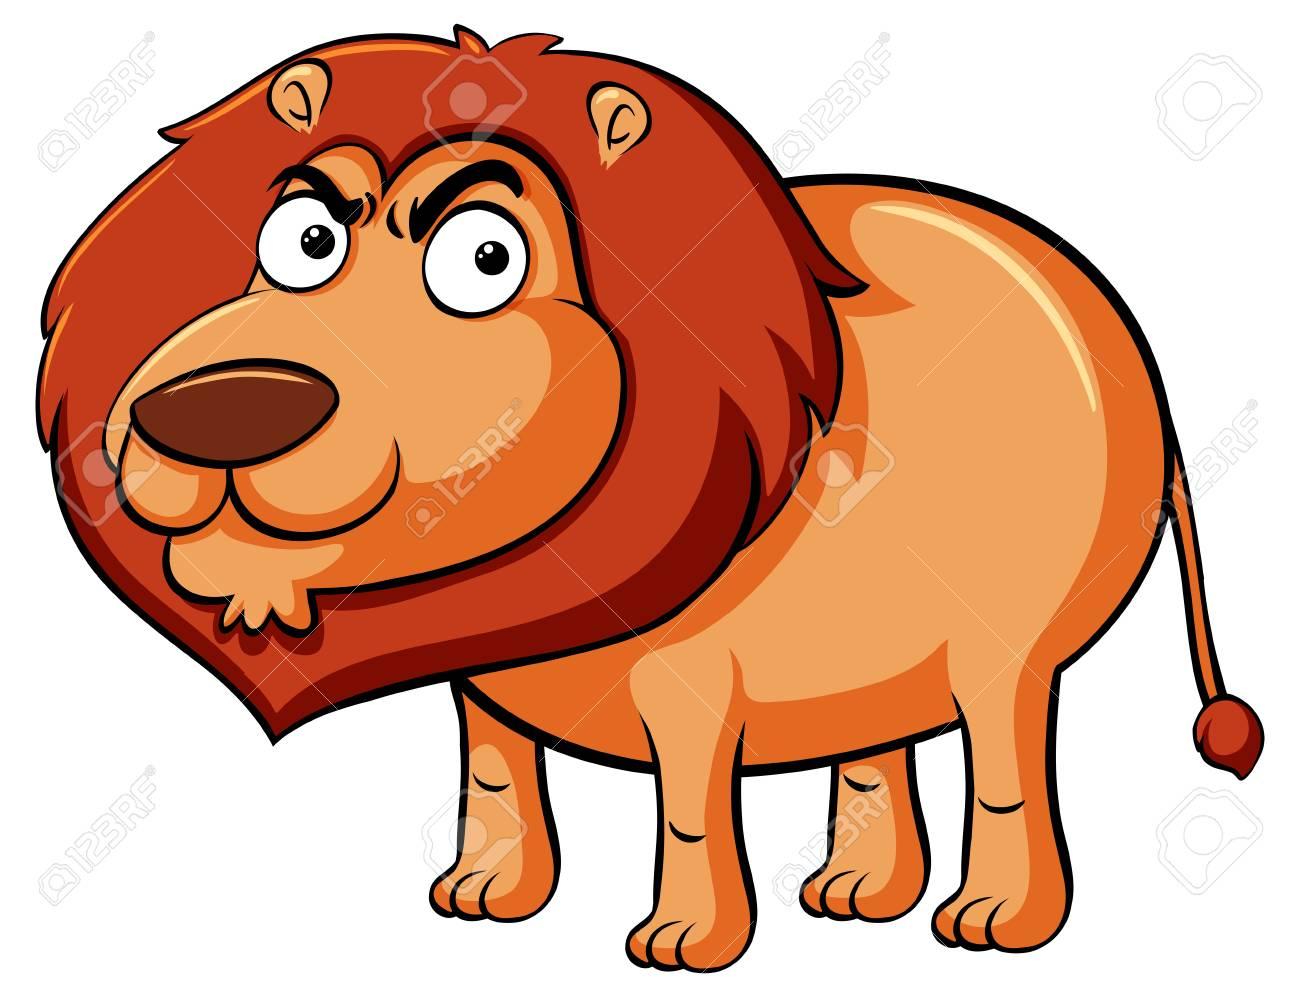 おさる顔のイラストが野生のライオンのイラスト素材ベクタ Image